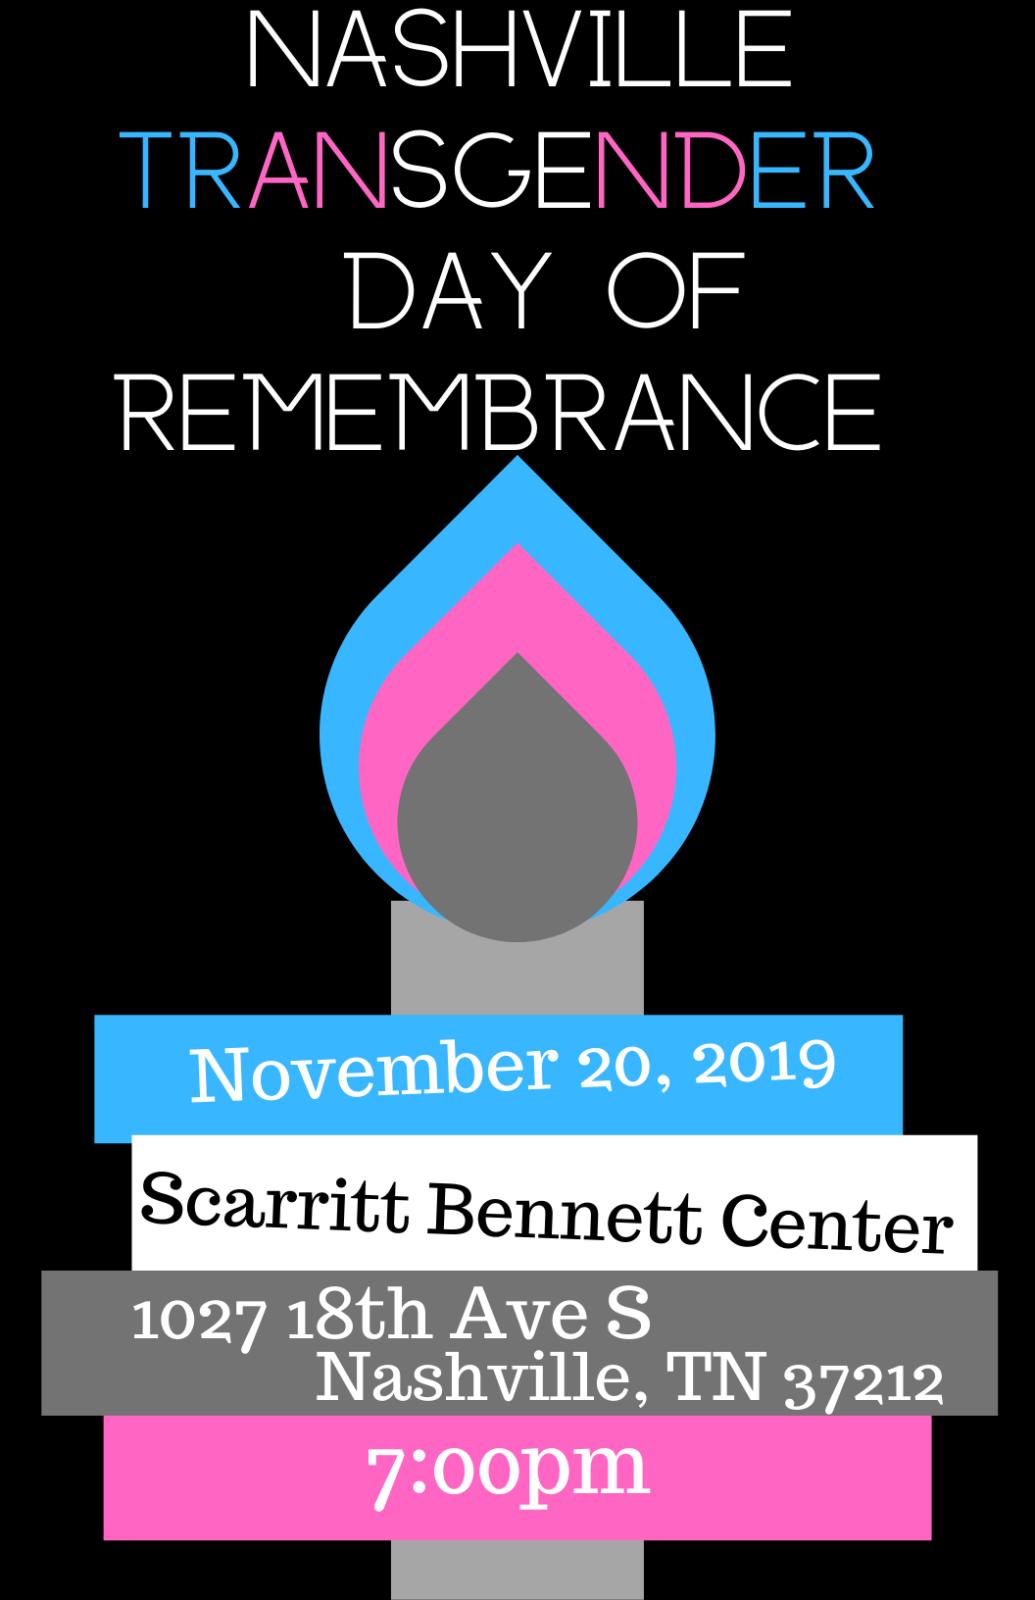 Transgender Day of Remembrance poster graphic. Date: Nov. 20, 2019 Scarritt Bennett Center 1027 18th Ave. S. Nashville, TN 37212 7 p.m.